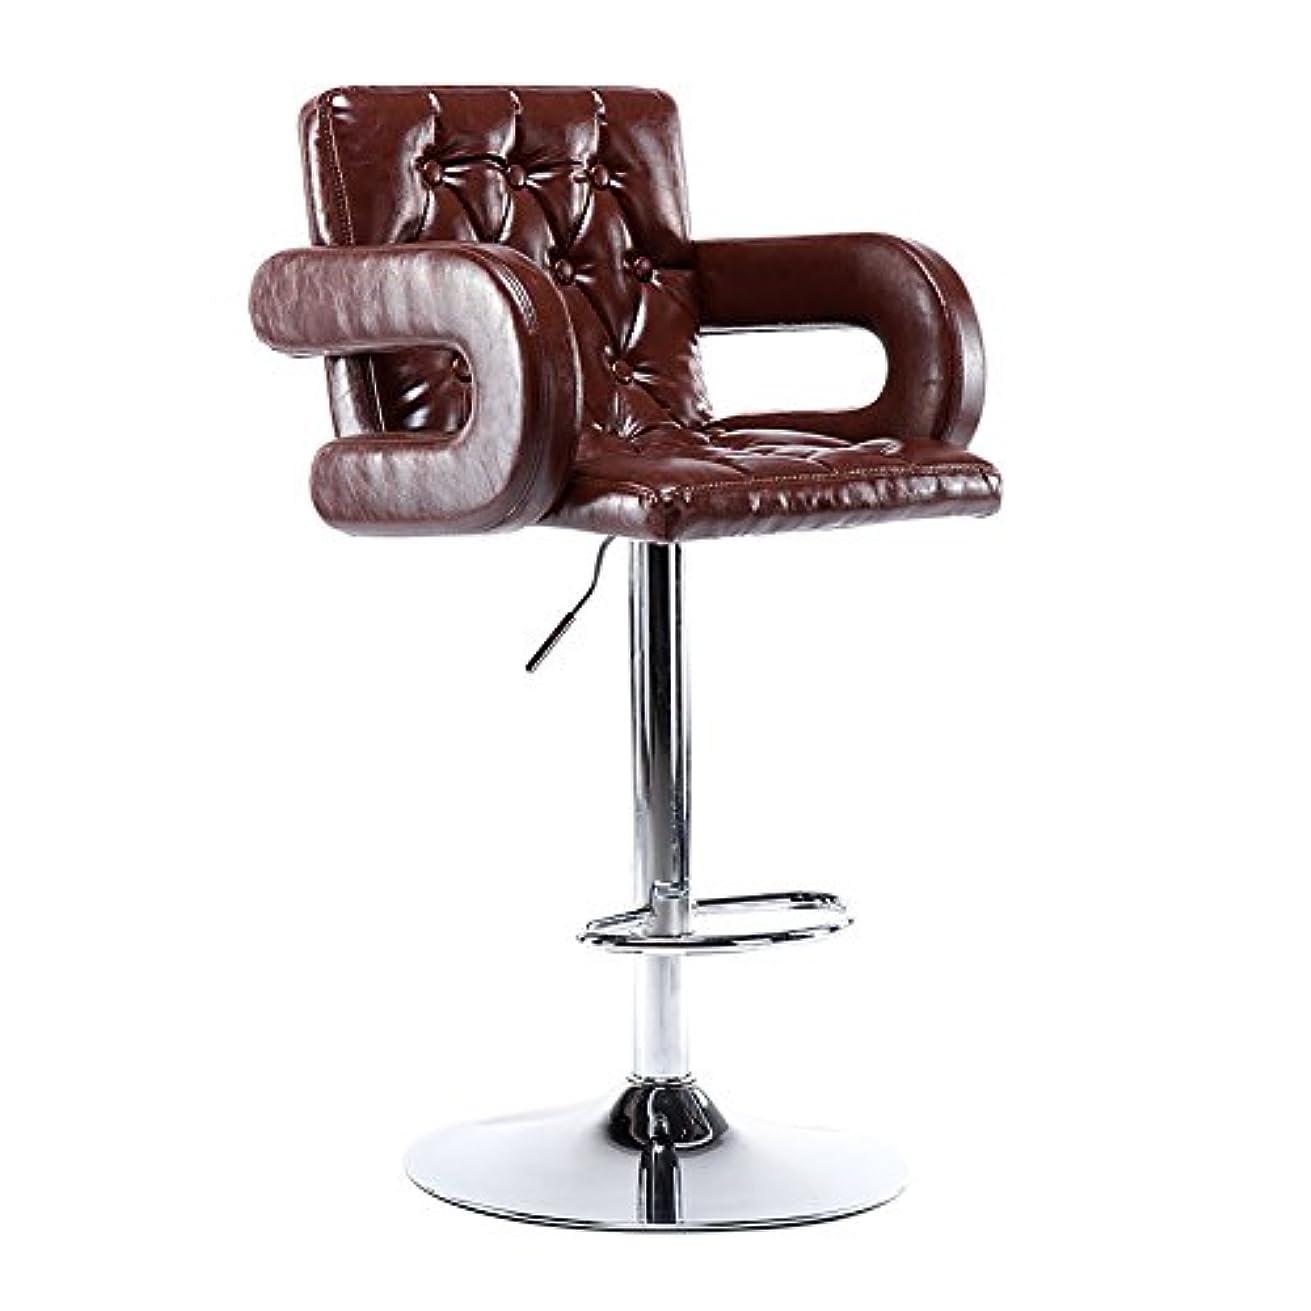 イタリック研究所かんがい毎日の家 多機能スイベルチェア、美容ローラースツール、調節可能な高さ、ホイール付き、360度回転、快適な椅子、アームレスト付き、最大荷重150kg (色 : ブラウン-2, サイズ さいず : BEST)